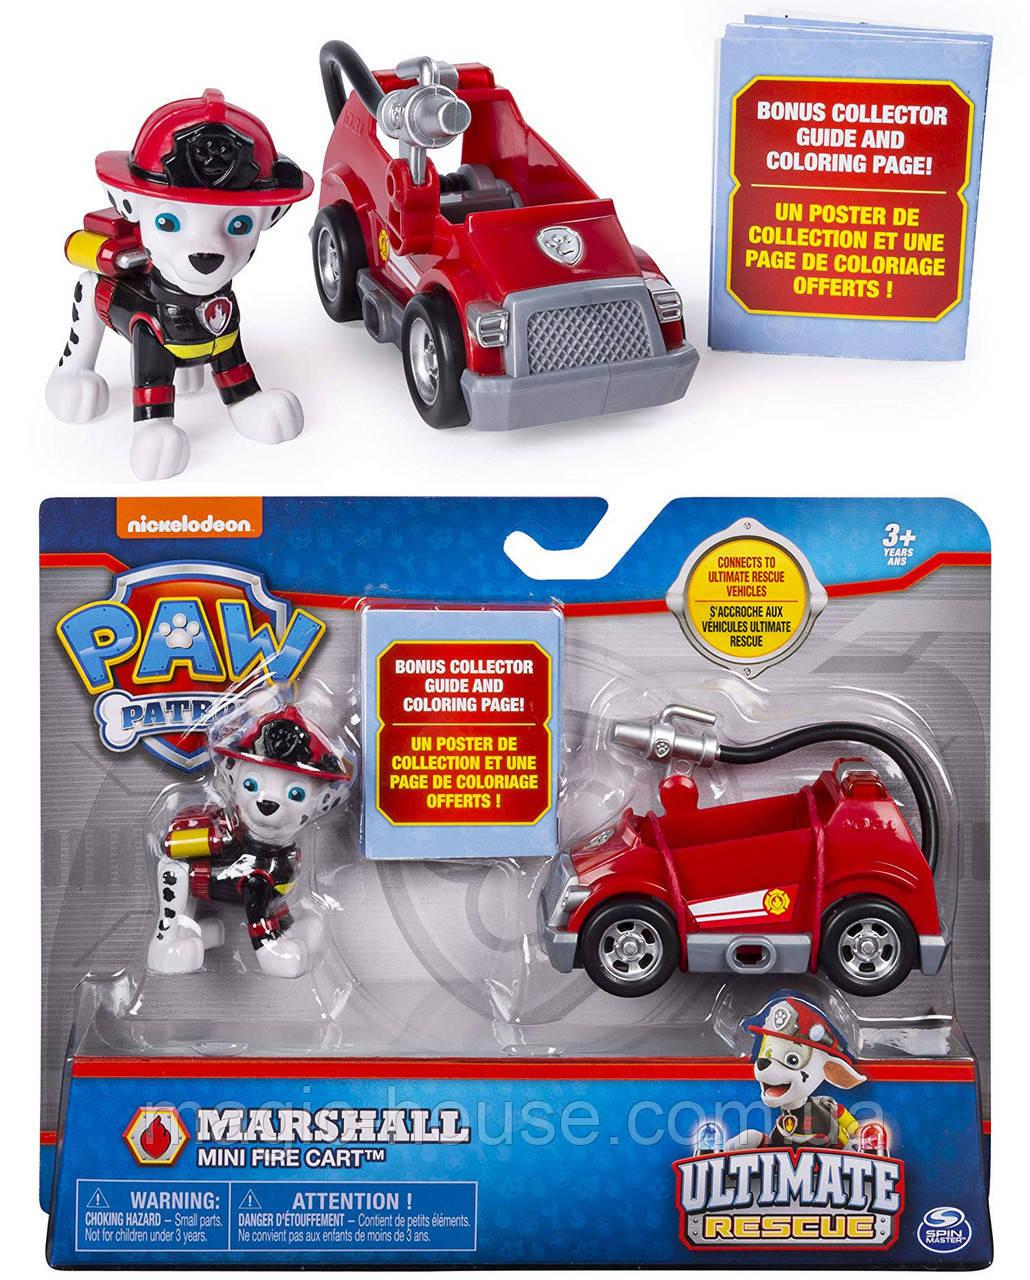 PAW Patrol Щенячий патруль Маршал мини пожарная машина ОРИГИНАЛ